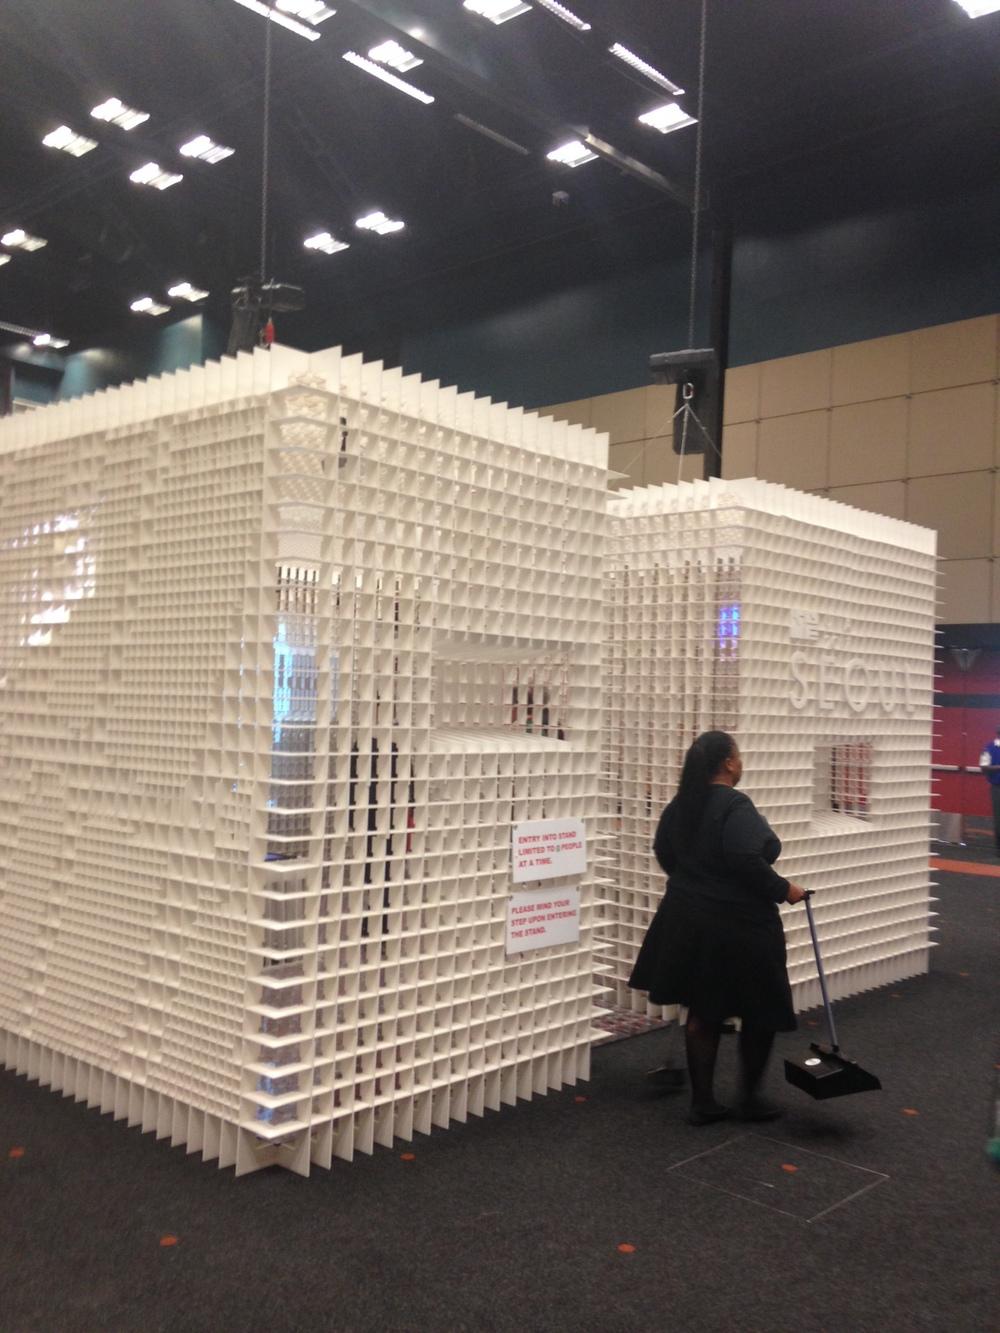 2017 UIA Dünya Mimarlık Kongresi'ne ev sahipliği yapacak olan Seul'un standı